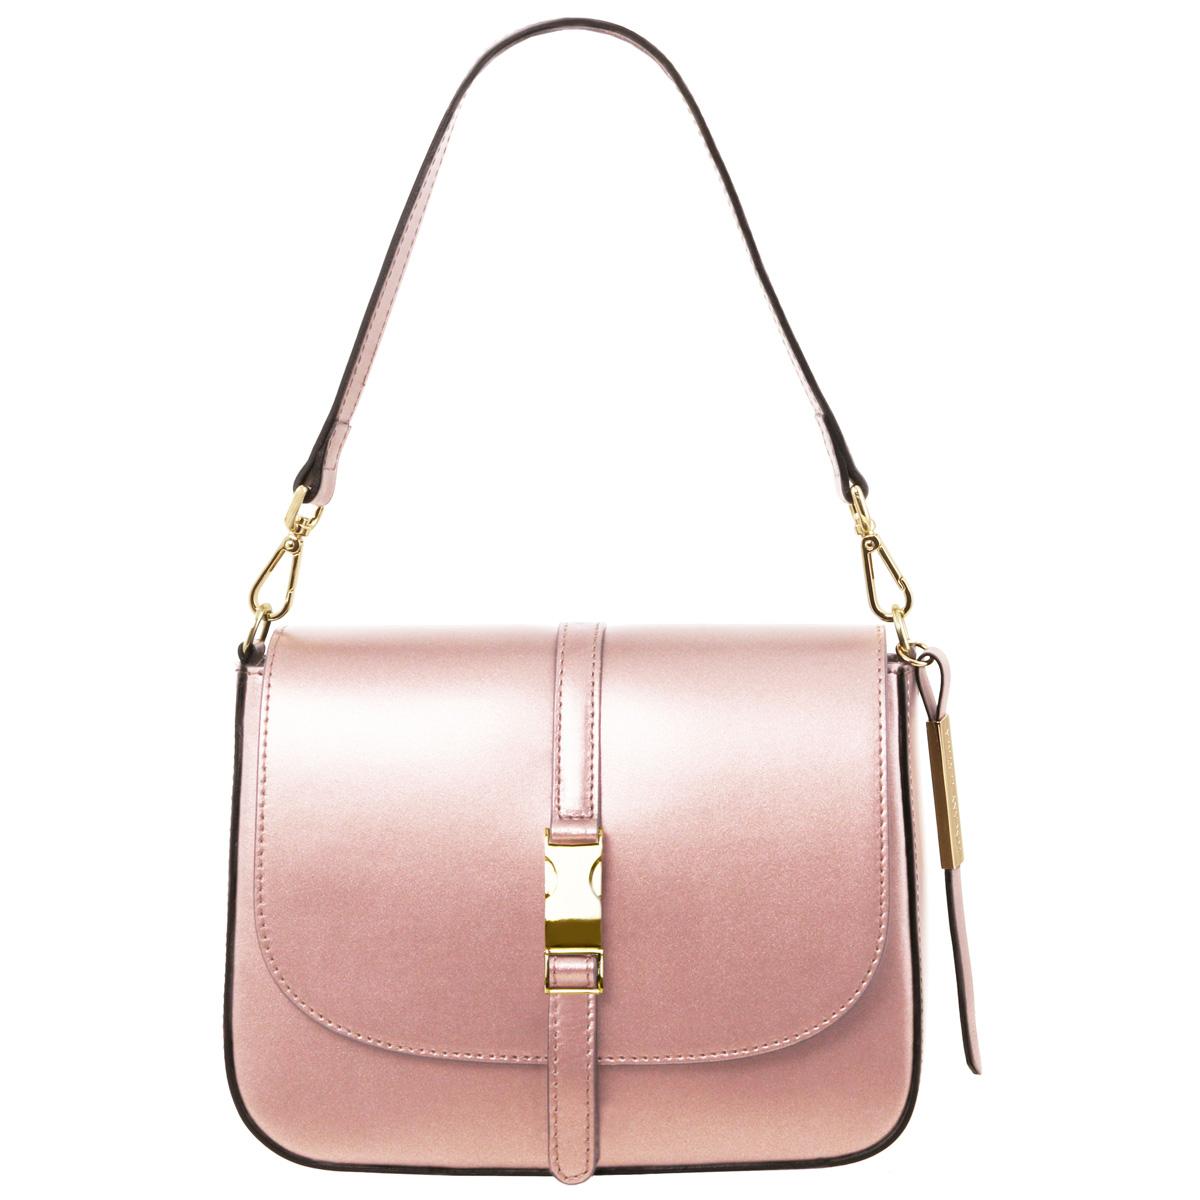 Handla från hela världen hos PricePi. tuscany leather first class ... 8dac5b930fb8d